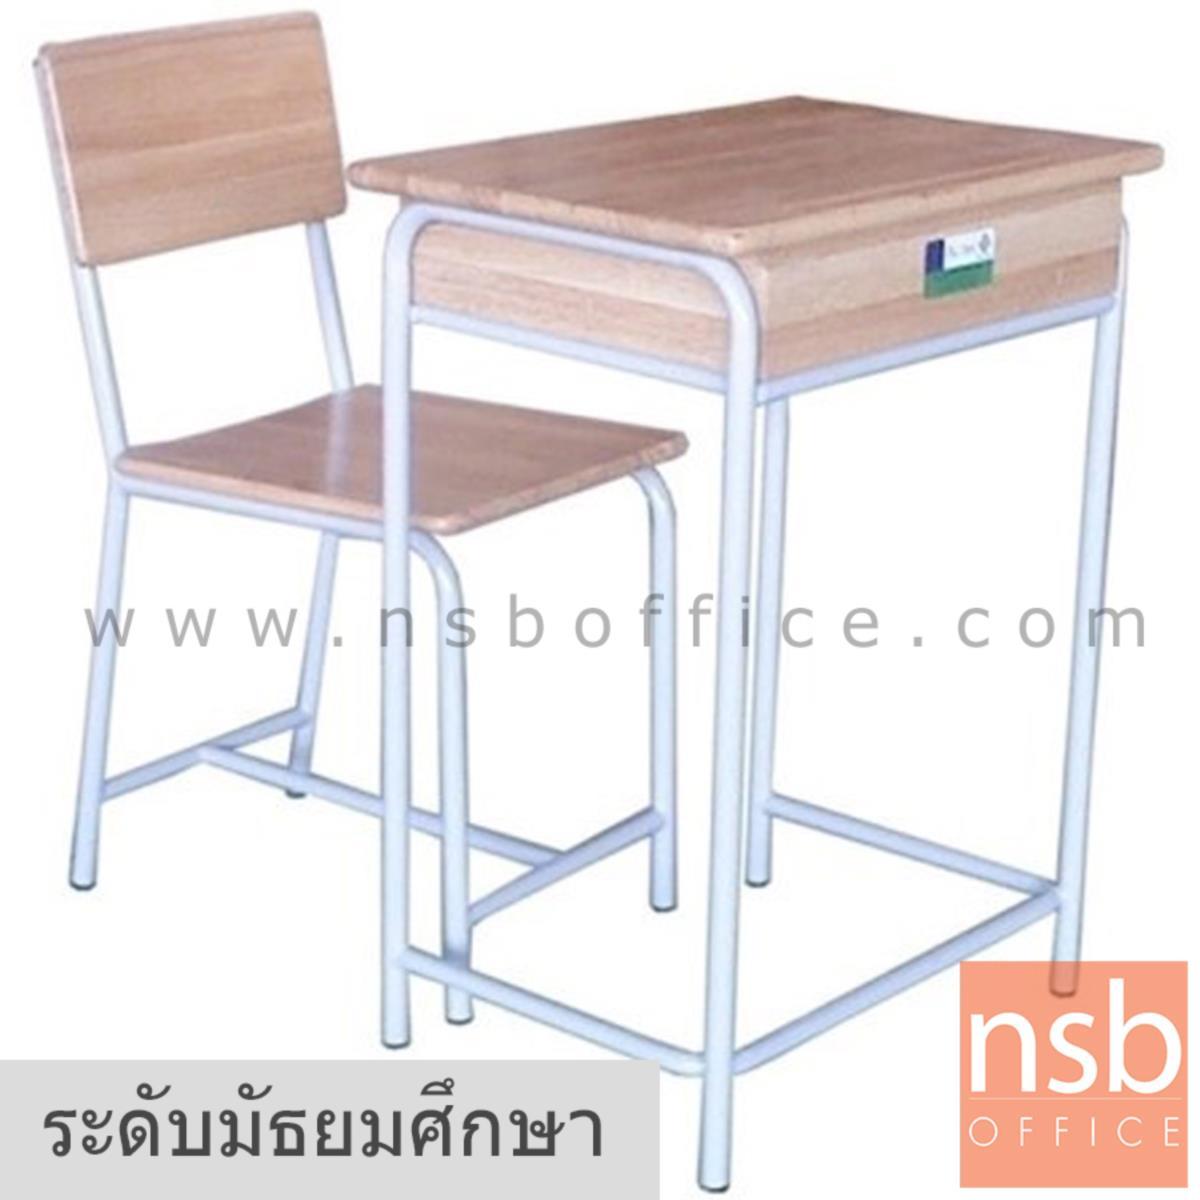 A17A060:ชุดโต๊ะและเก้าอี้นักเรียน มอก. รุ่น DELAWARE (เดลาแวร์)  ขาสีเทา ระดับมัธยมศึกษา